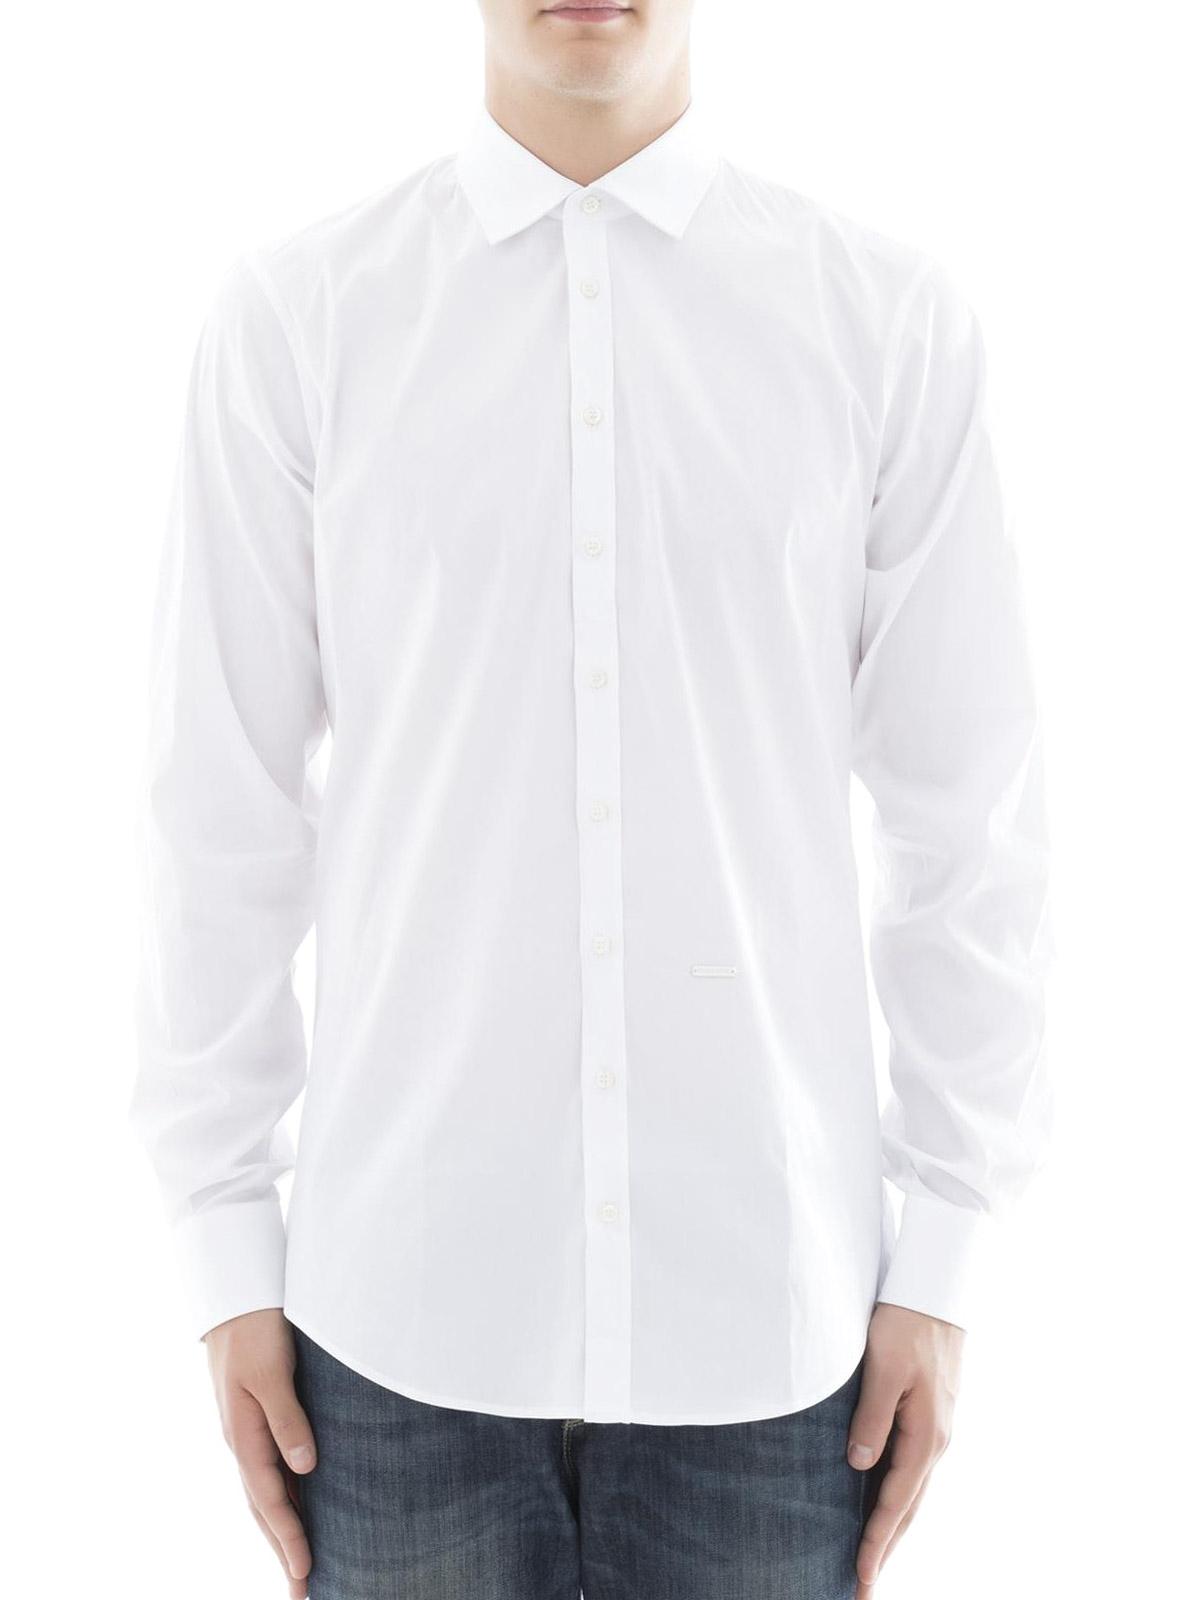 DSQUARED2  camicie online - Camicia bianca in cotone stretch 4bfc720ac03c